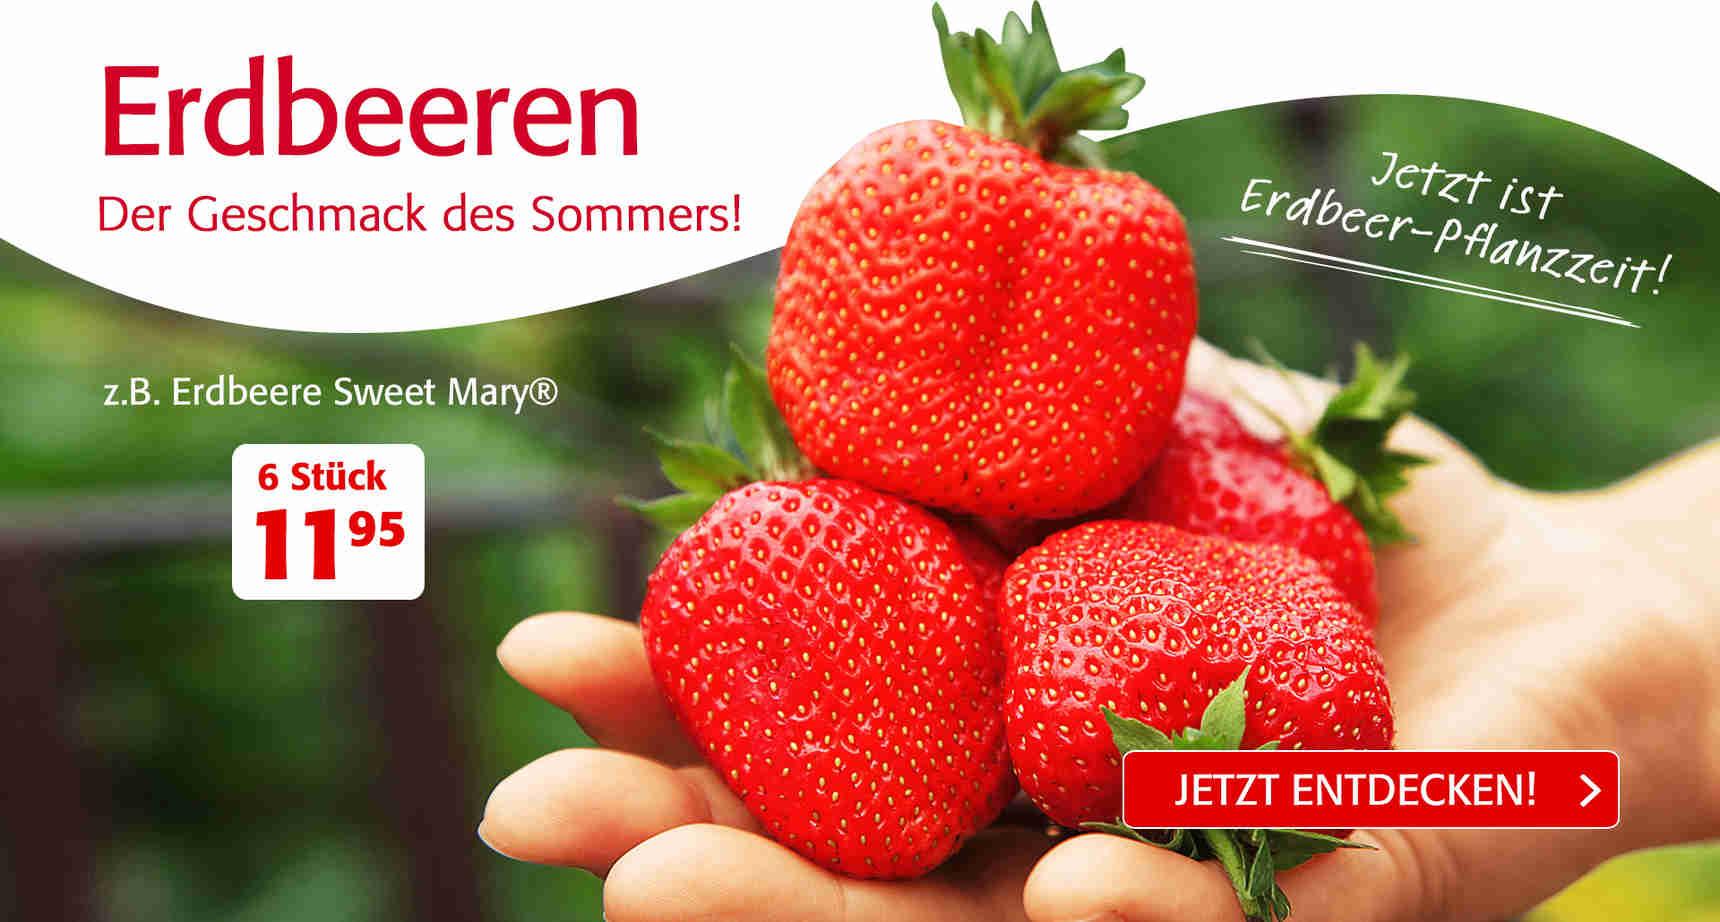 +++ (2) Erdbeeren +++ - 3